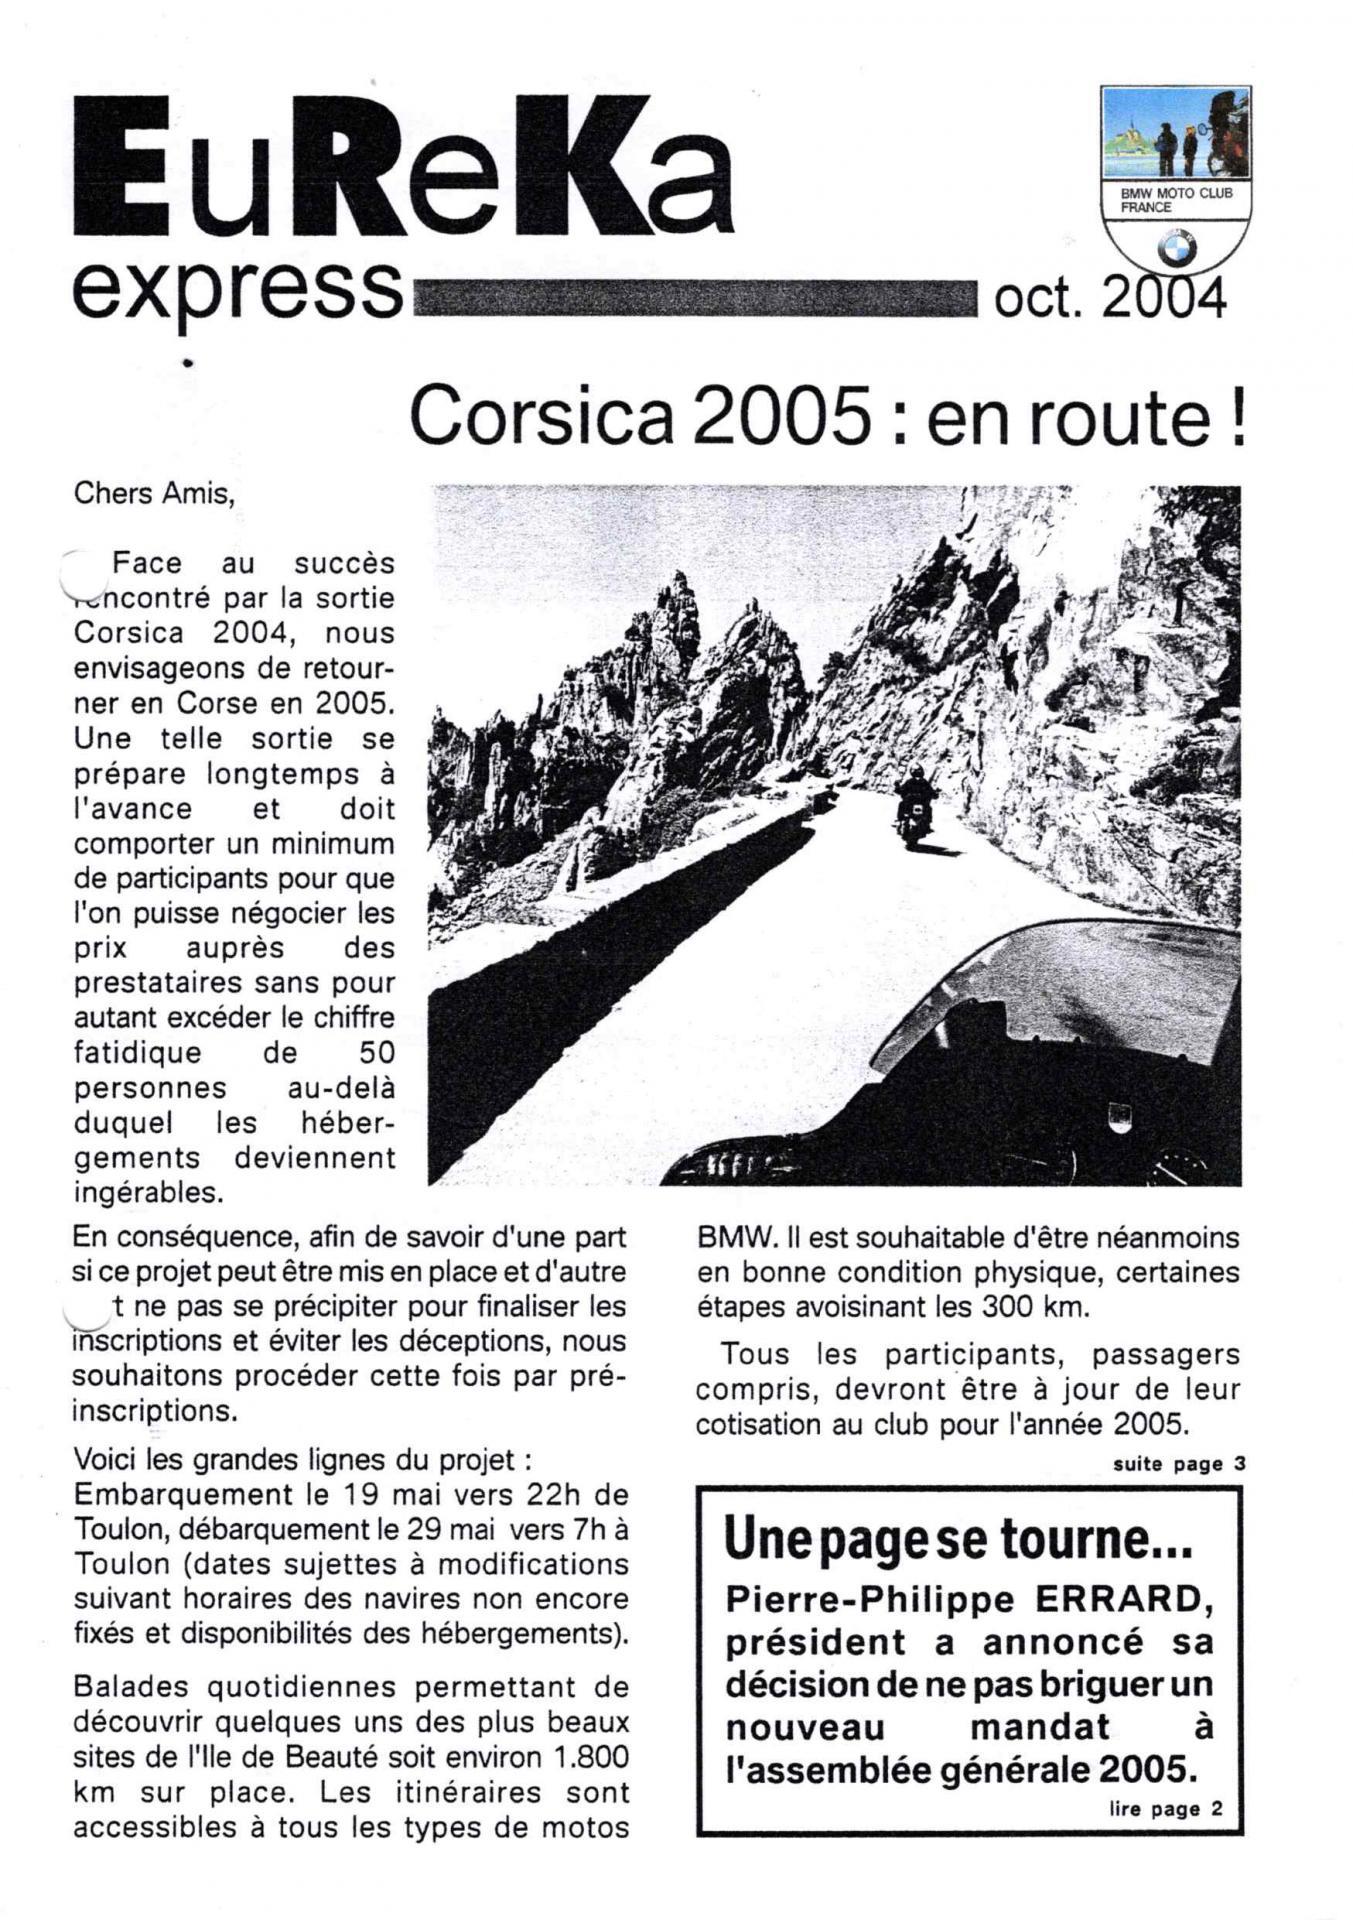 2004 10 eureka express 1